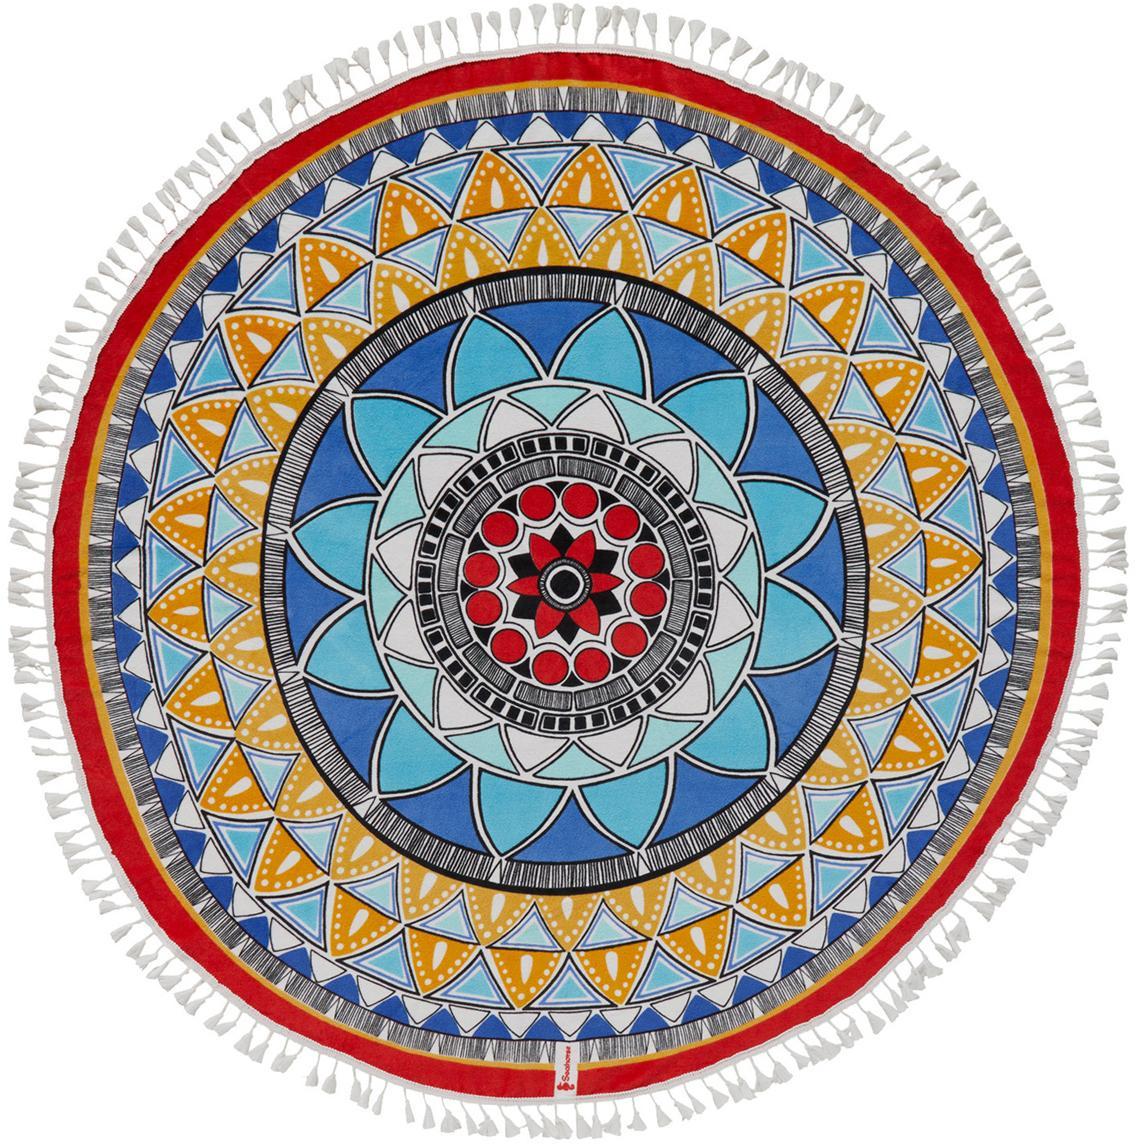 Okrągły ręcznik plażowy z frędzlami Roundi Tara, Bawełna, niska gramatura 300 g/m, Wielobarwny, Ø 150 cm